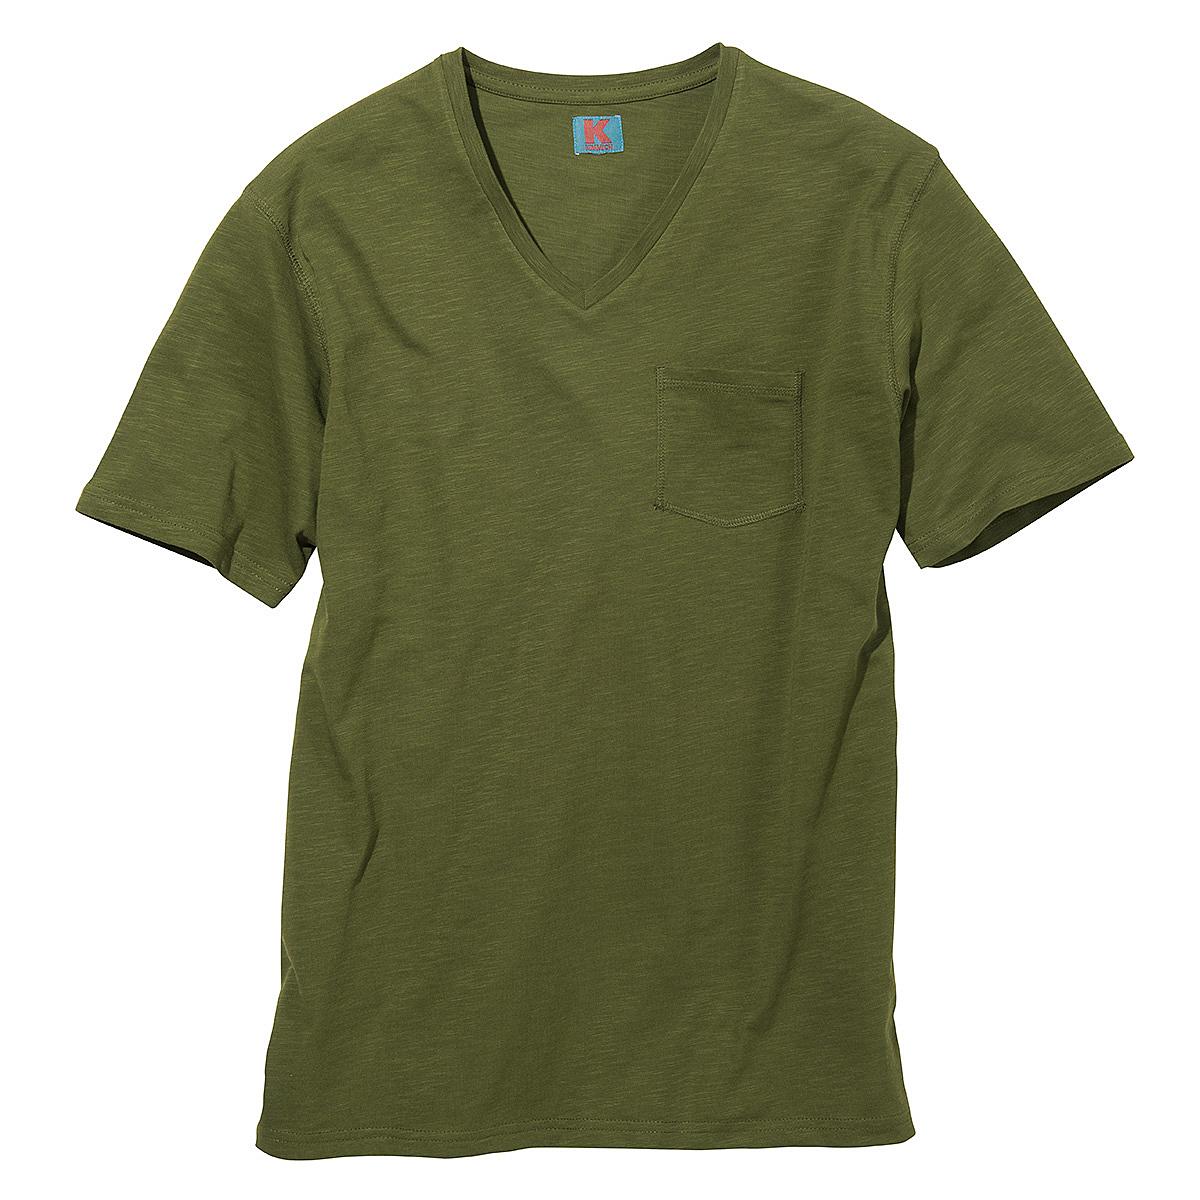 t shirt mit v ausschnitt und brusttasche flamm garn baumwolle farbe oliv gr enspezialist. Black Bedroom Furniture Sets. Home Design Ideas